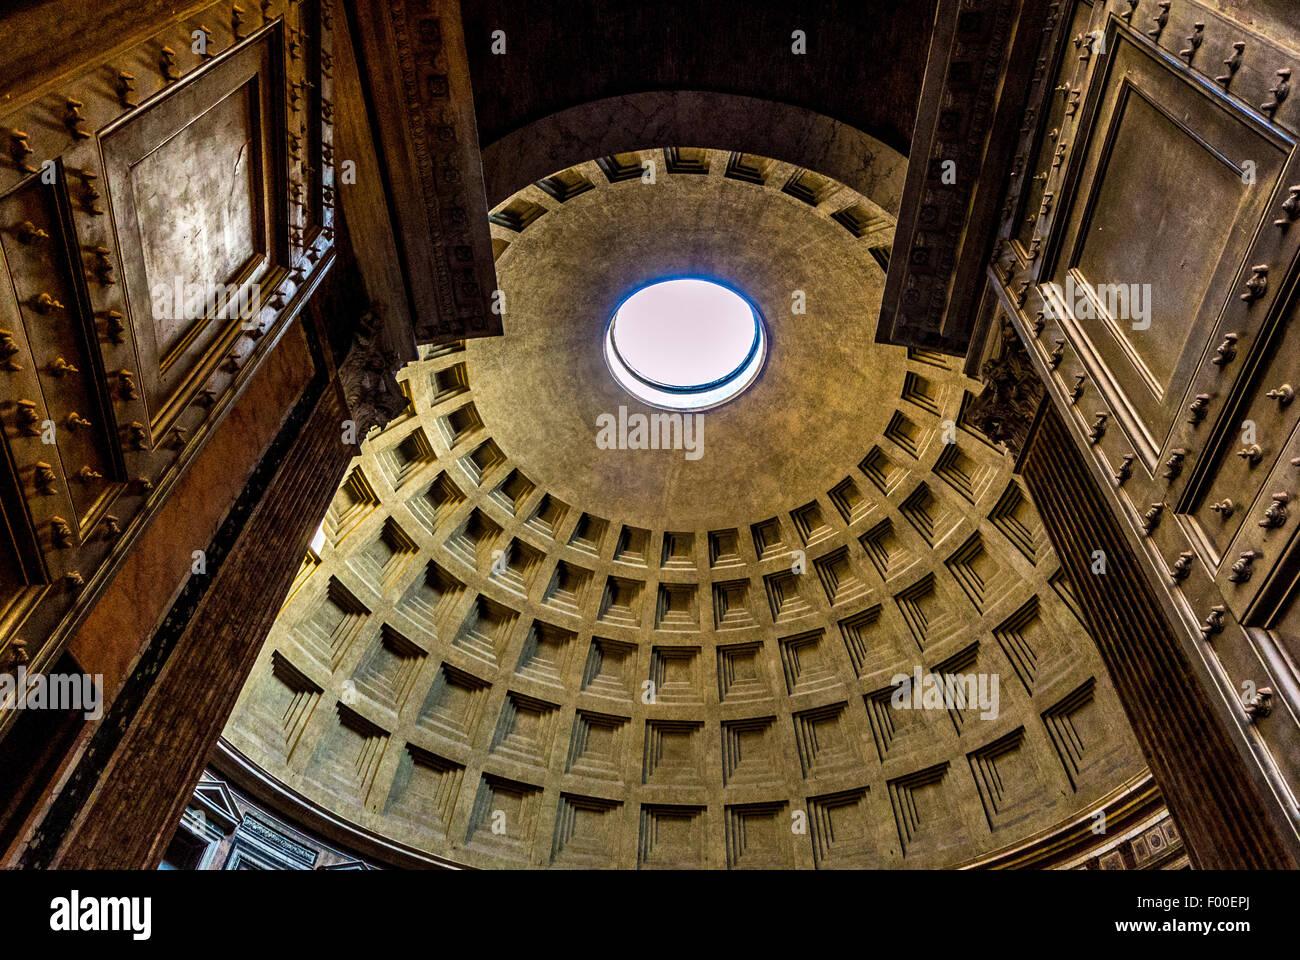 Porte con apertura in occhio interiore. Il Pantheon. Antico tempio romano. Ora una chiesa cristiana. Roma, Italia. Immagini Stock